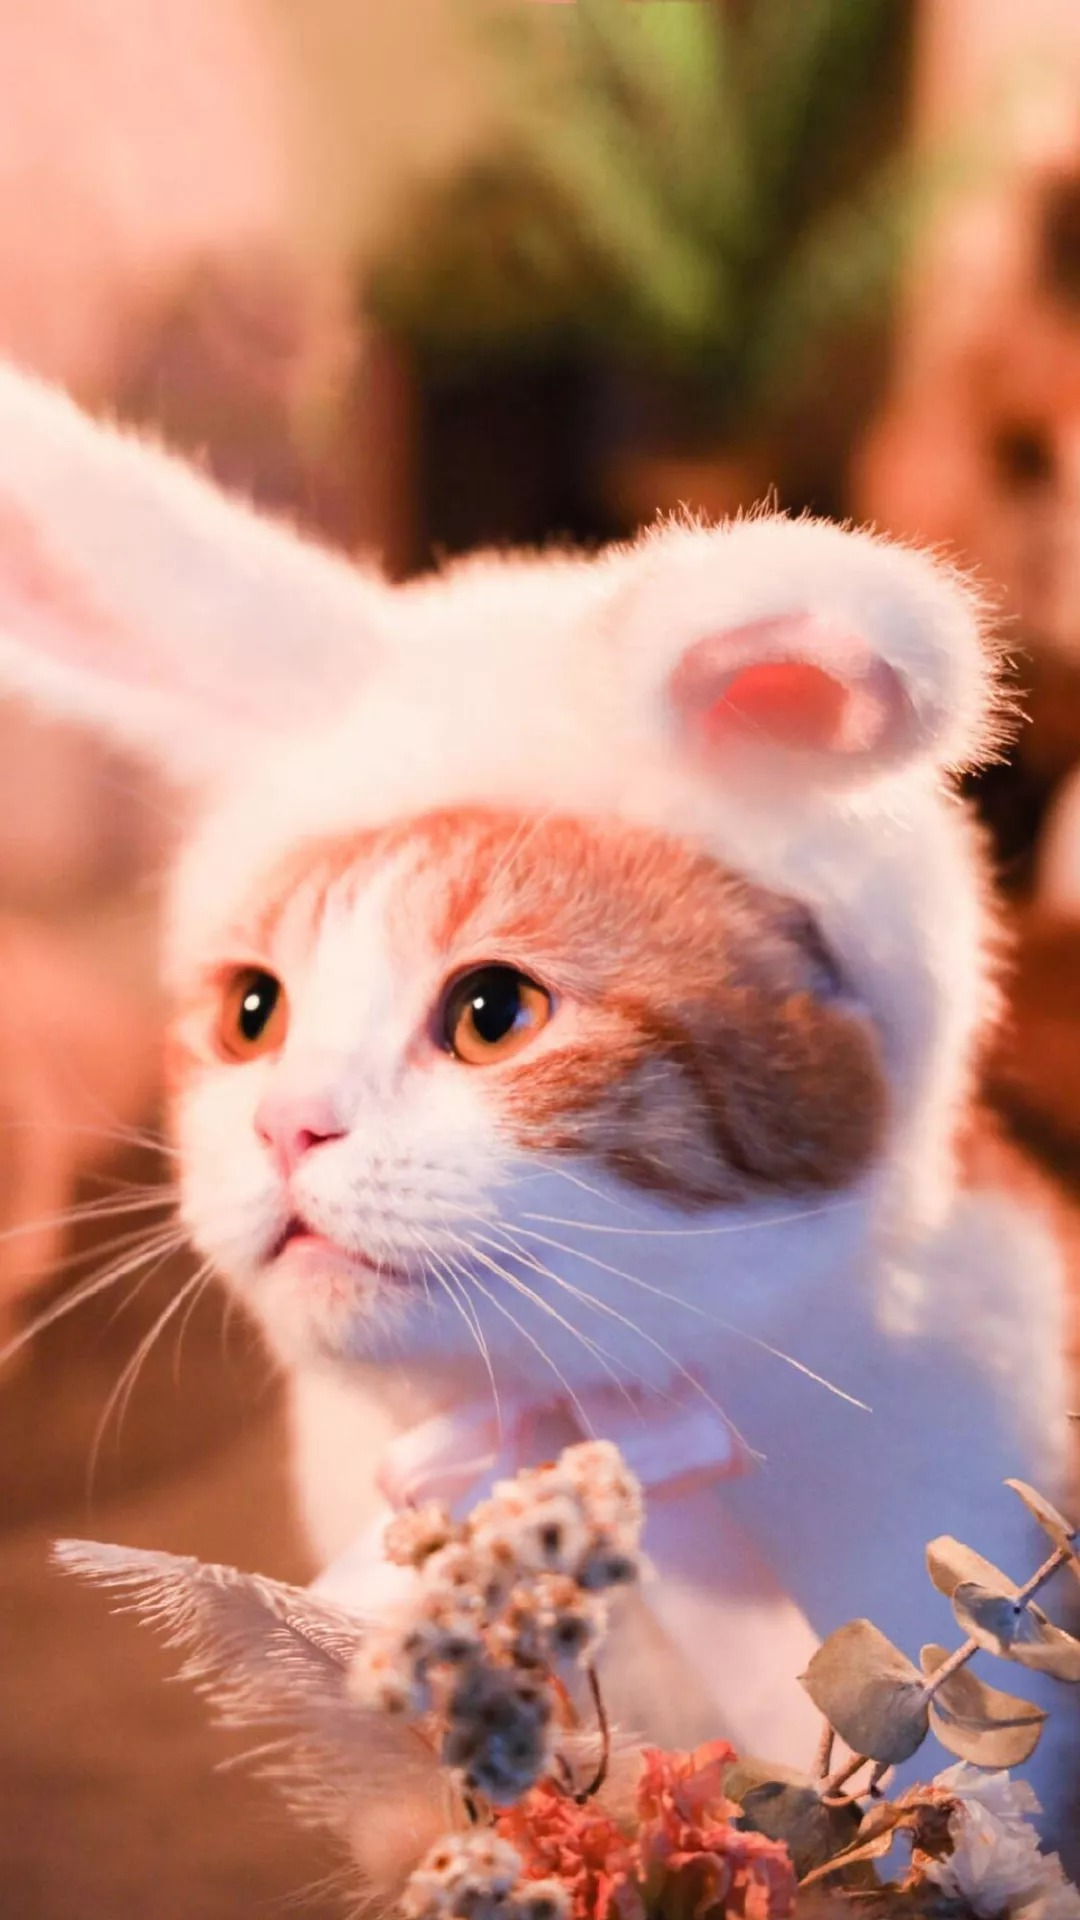 猫片壁纸 :生活不断拍打我们的脸皮,最后不是脸皮厚了,是肿了!插图35